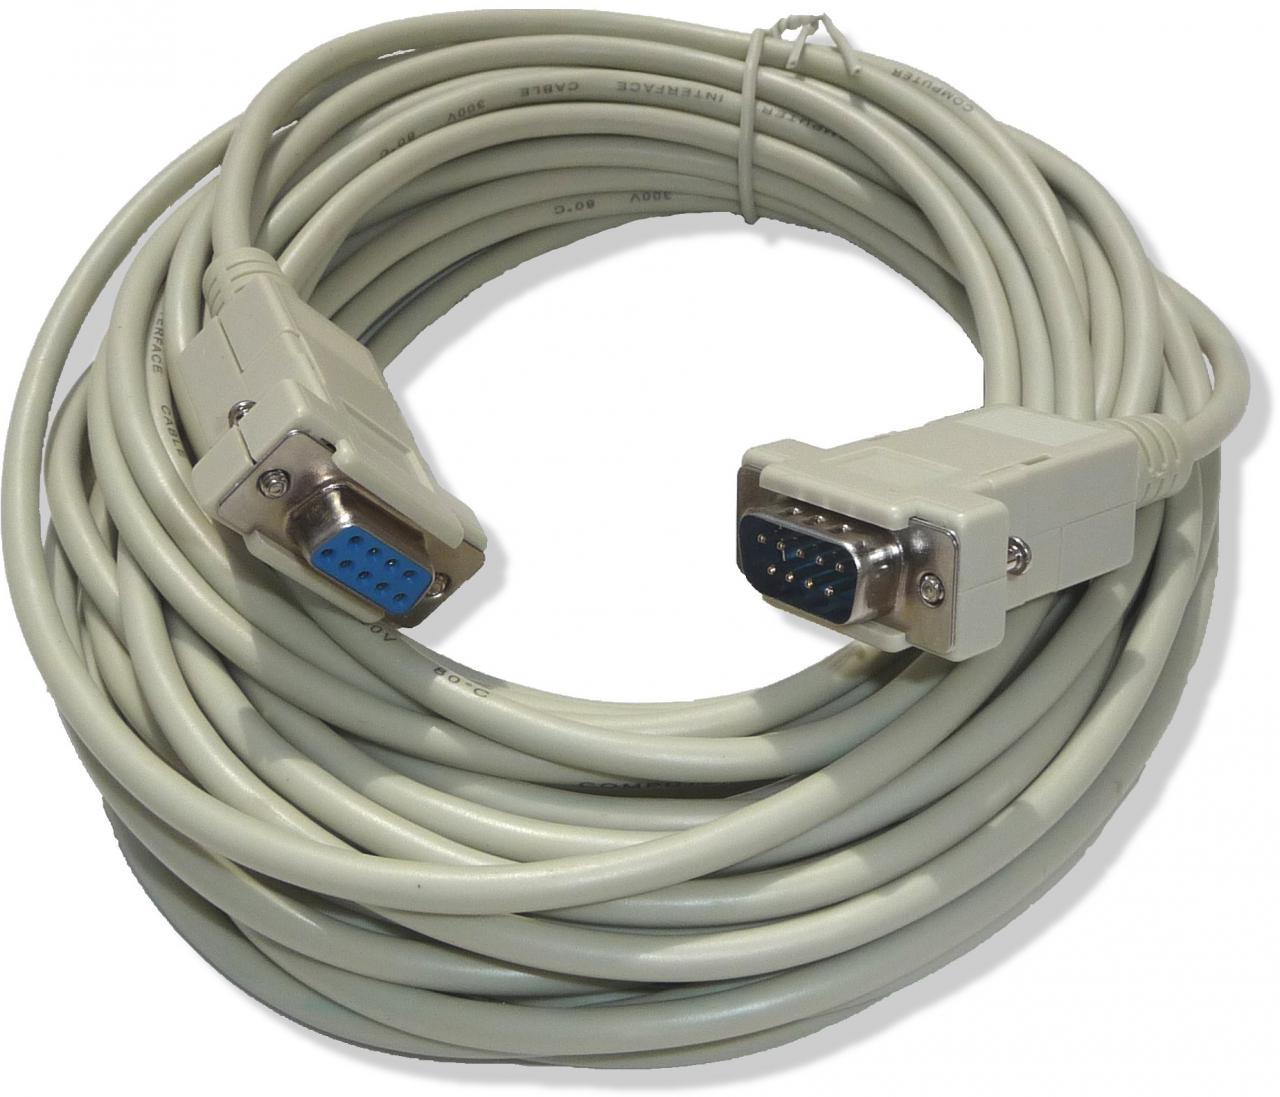 VIRTUOS Prodlužovací sériový kabel pro displeje, 10 m (EJA9019)